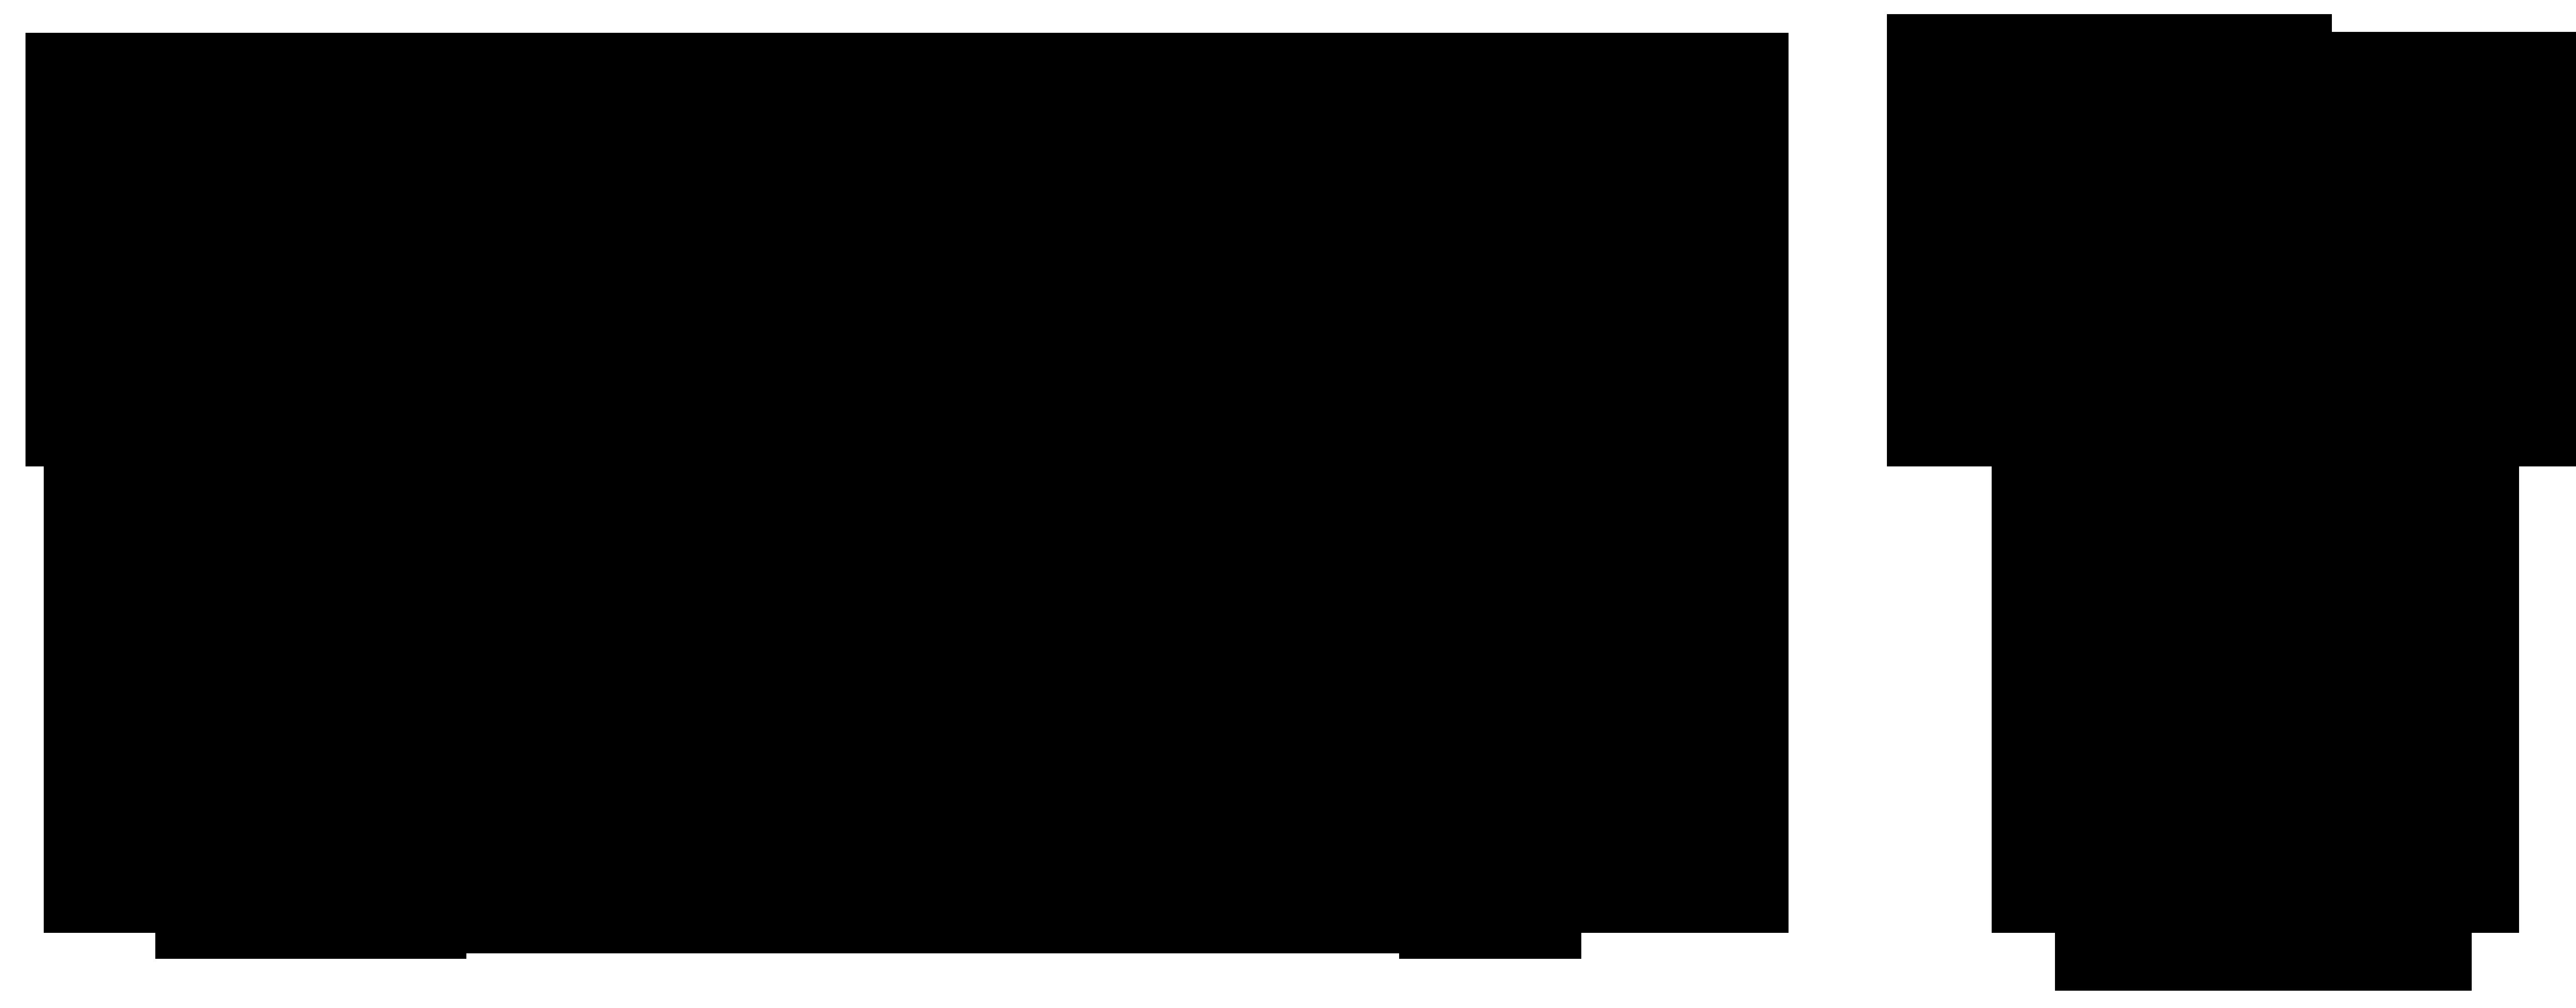 Сменный гусеничный ход ГХ2-1840 БДМ-Агро